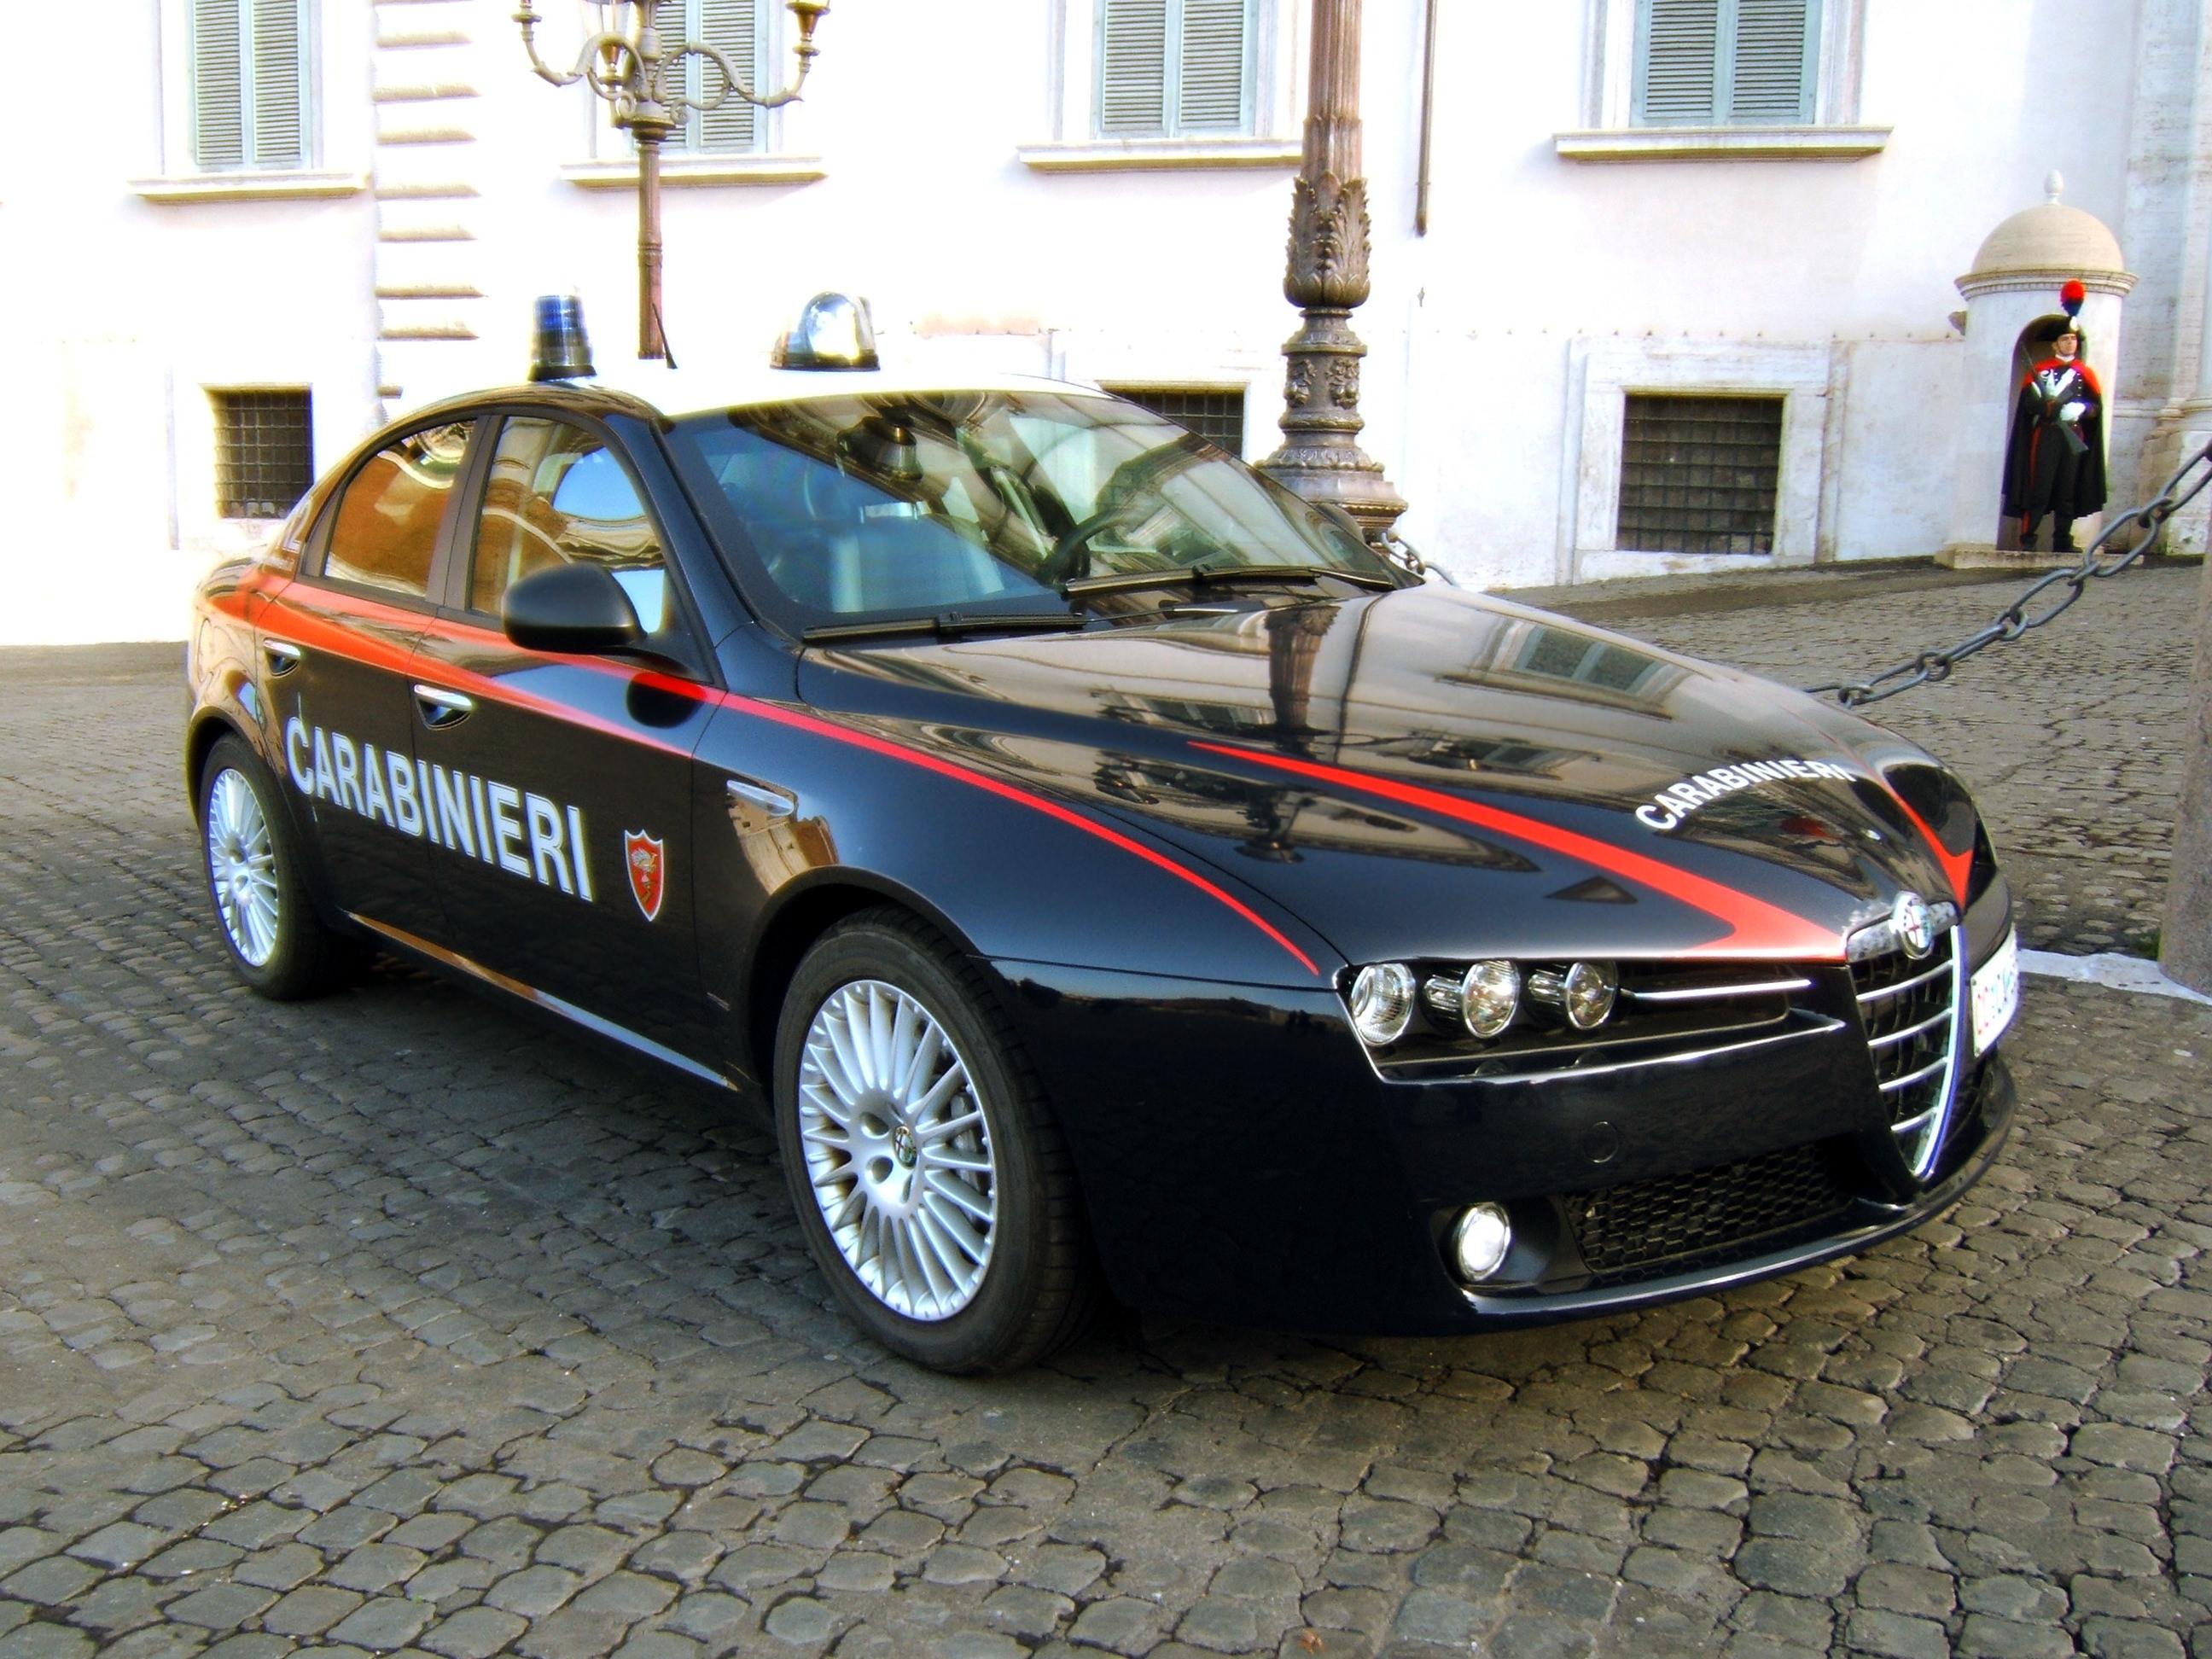 Furto d'auto alle Zagare, arrestati i ladri